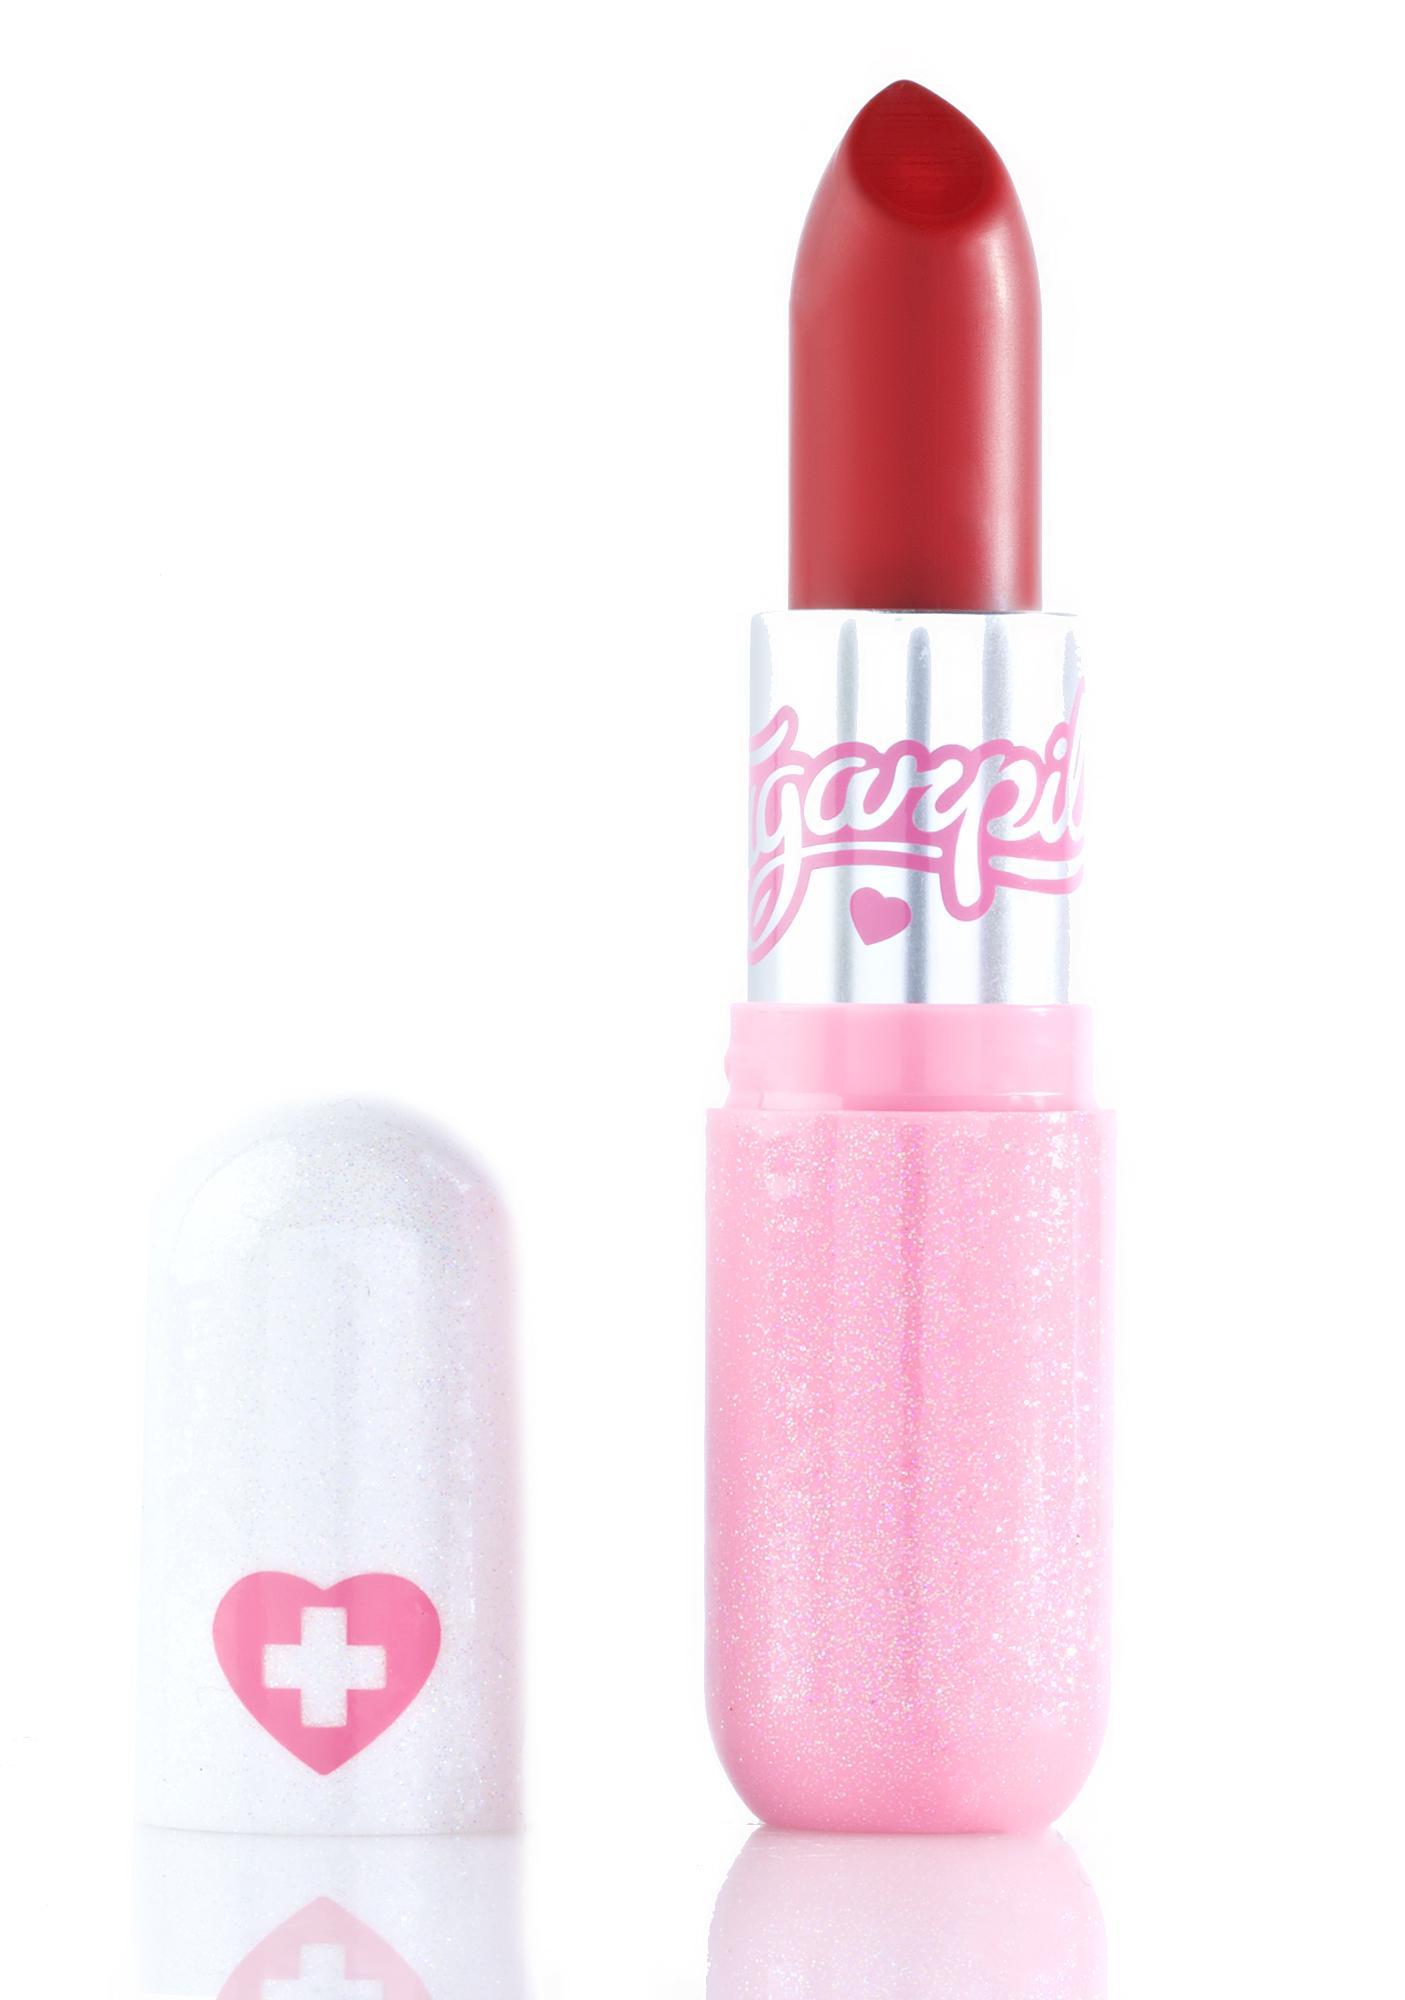 Sugarpill Nurse Pretty Poison Lipstick